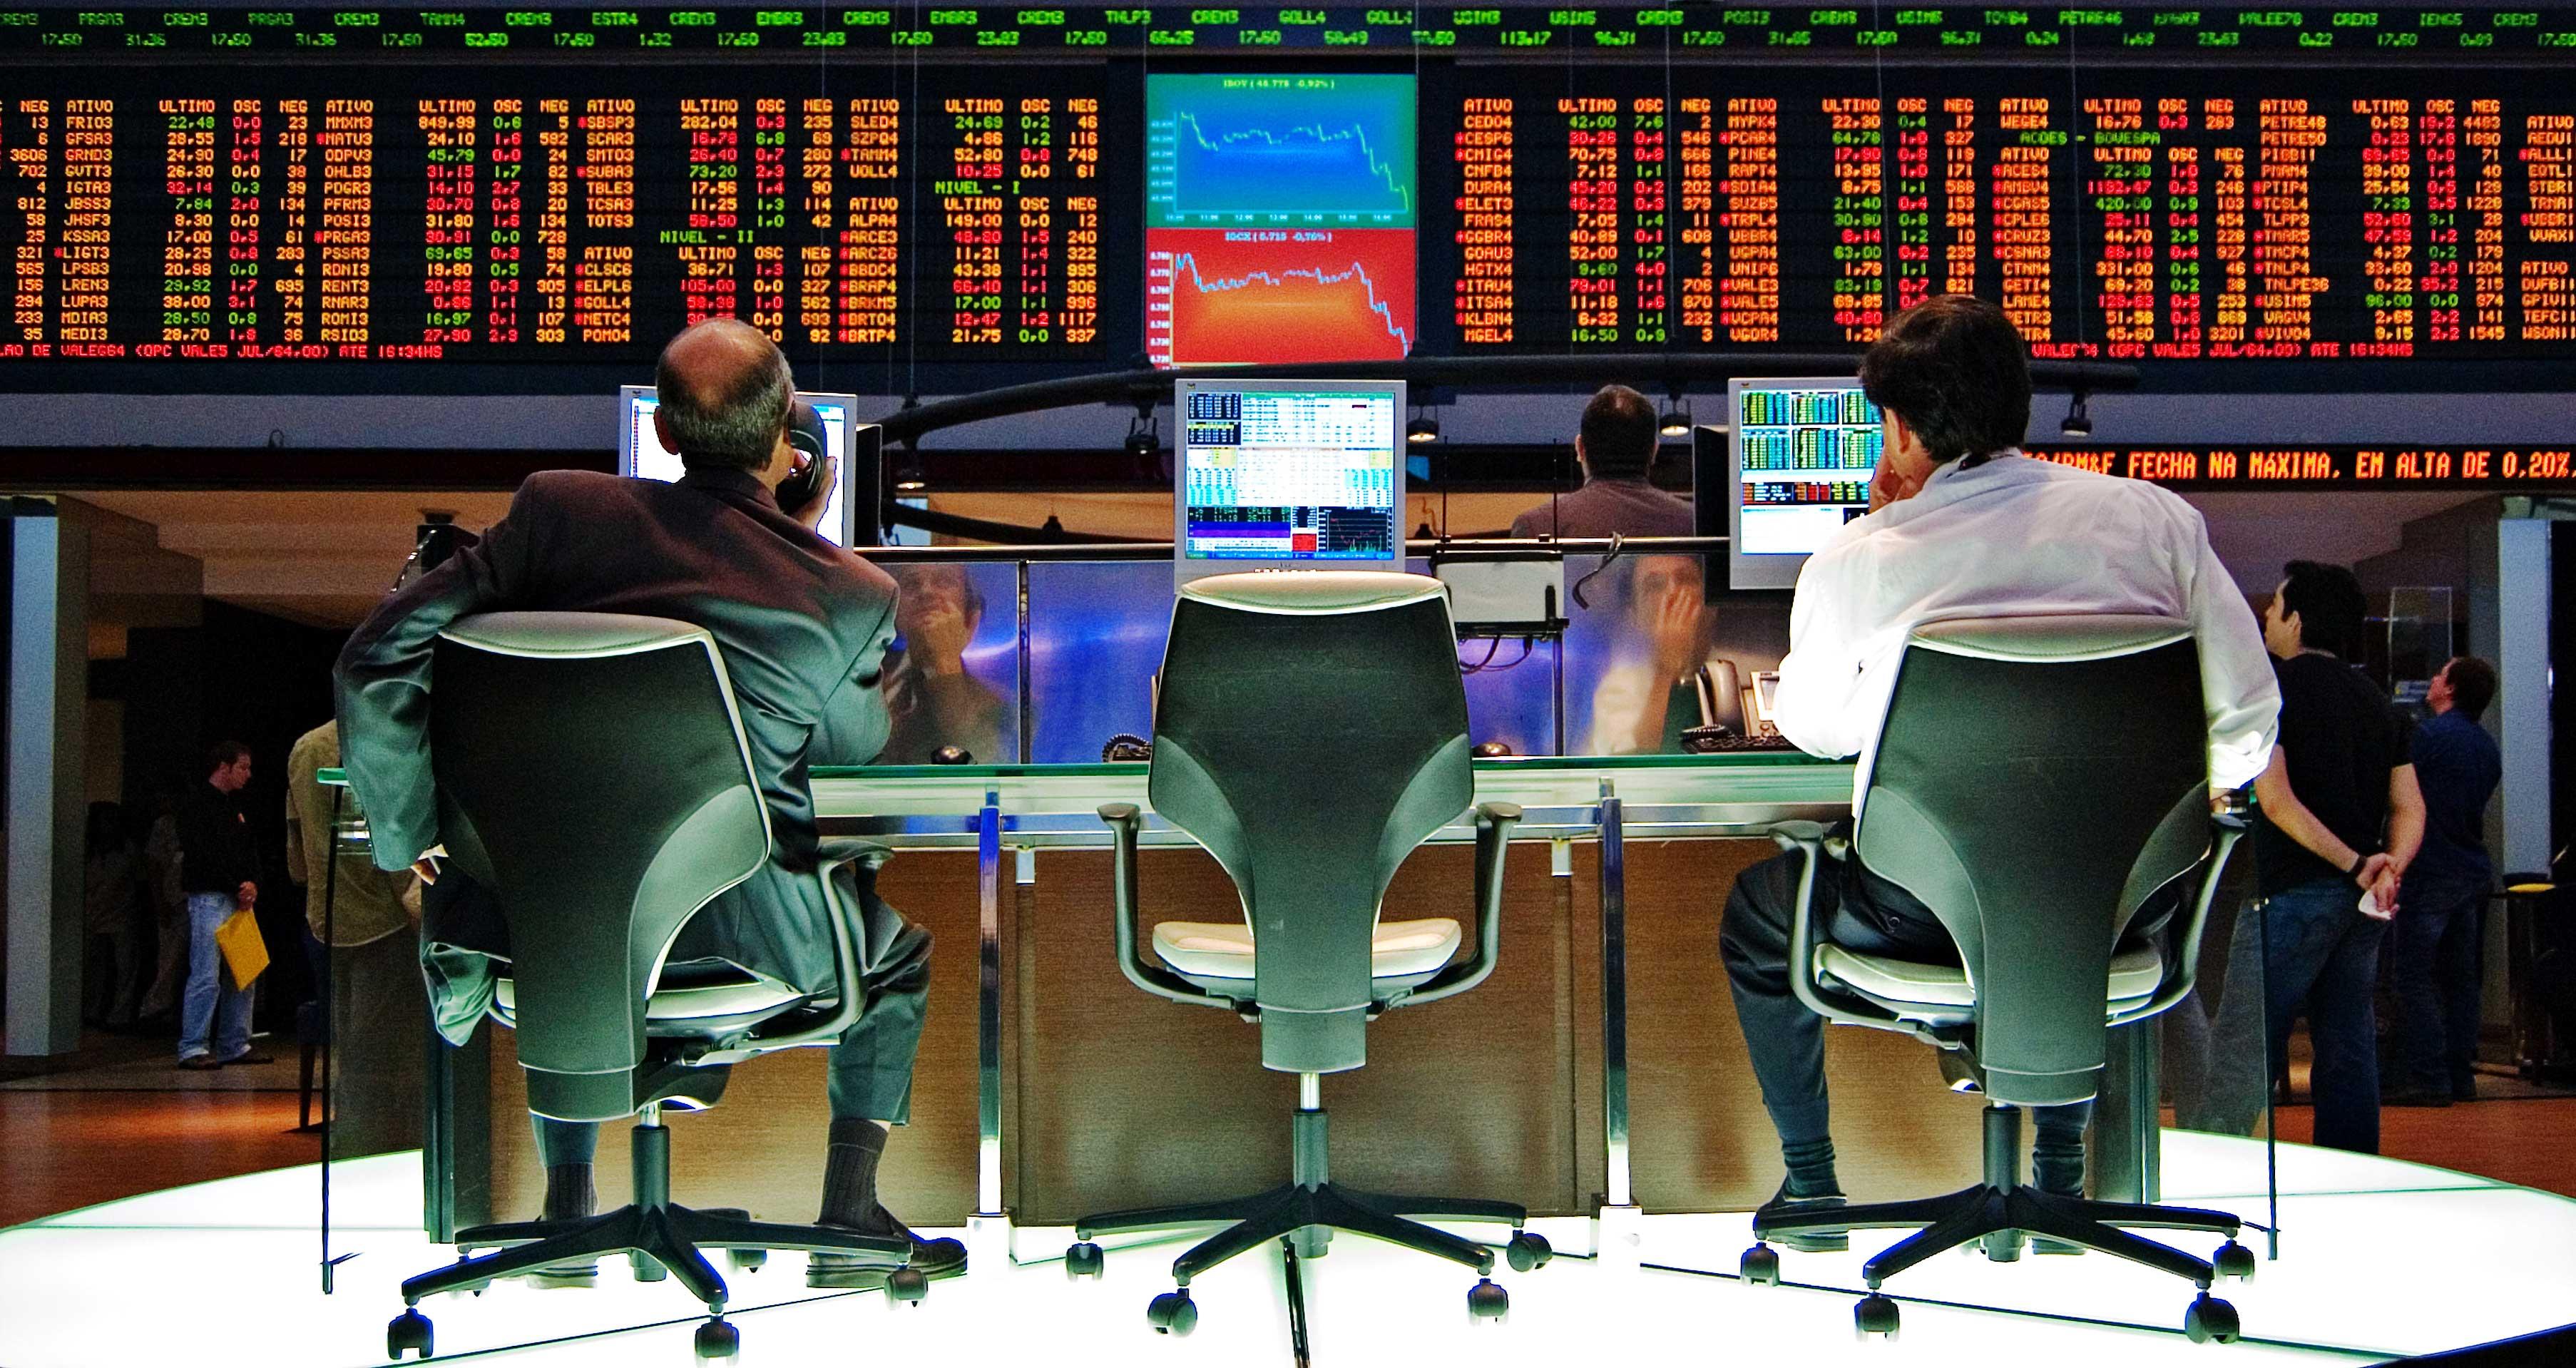 O que é BM&F? Conheça a Bolsa de Mercadorias e Futuros